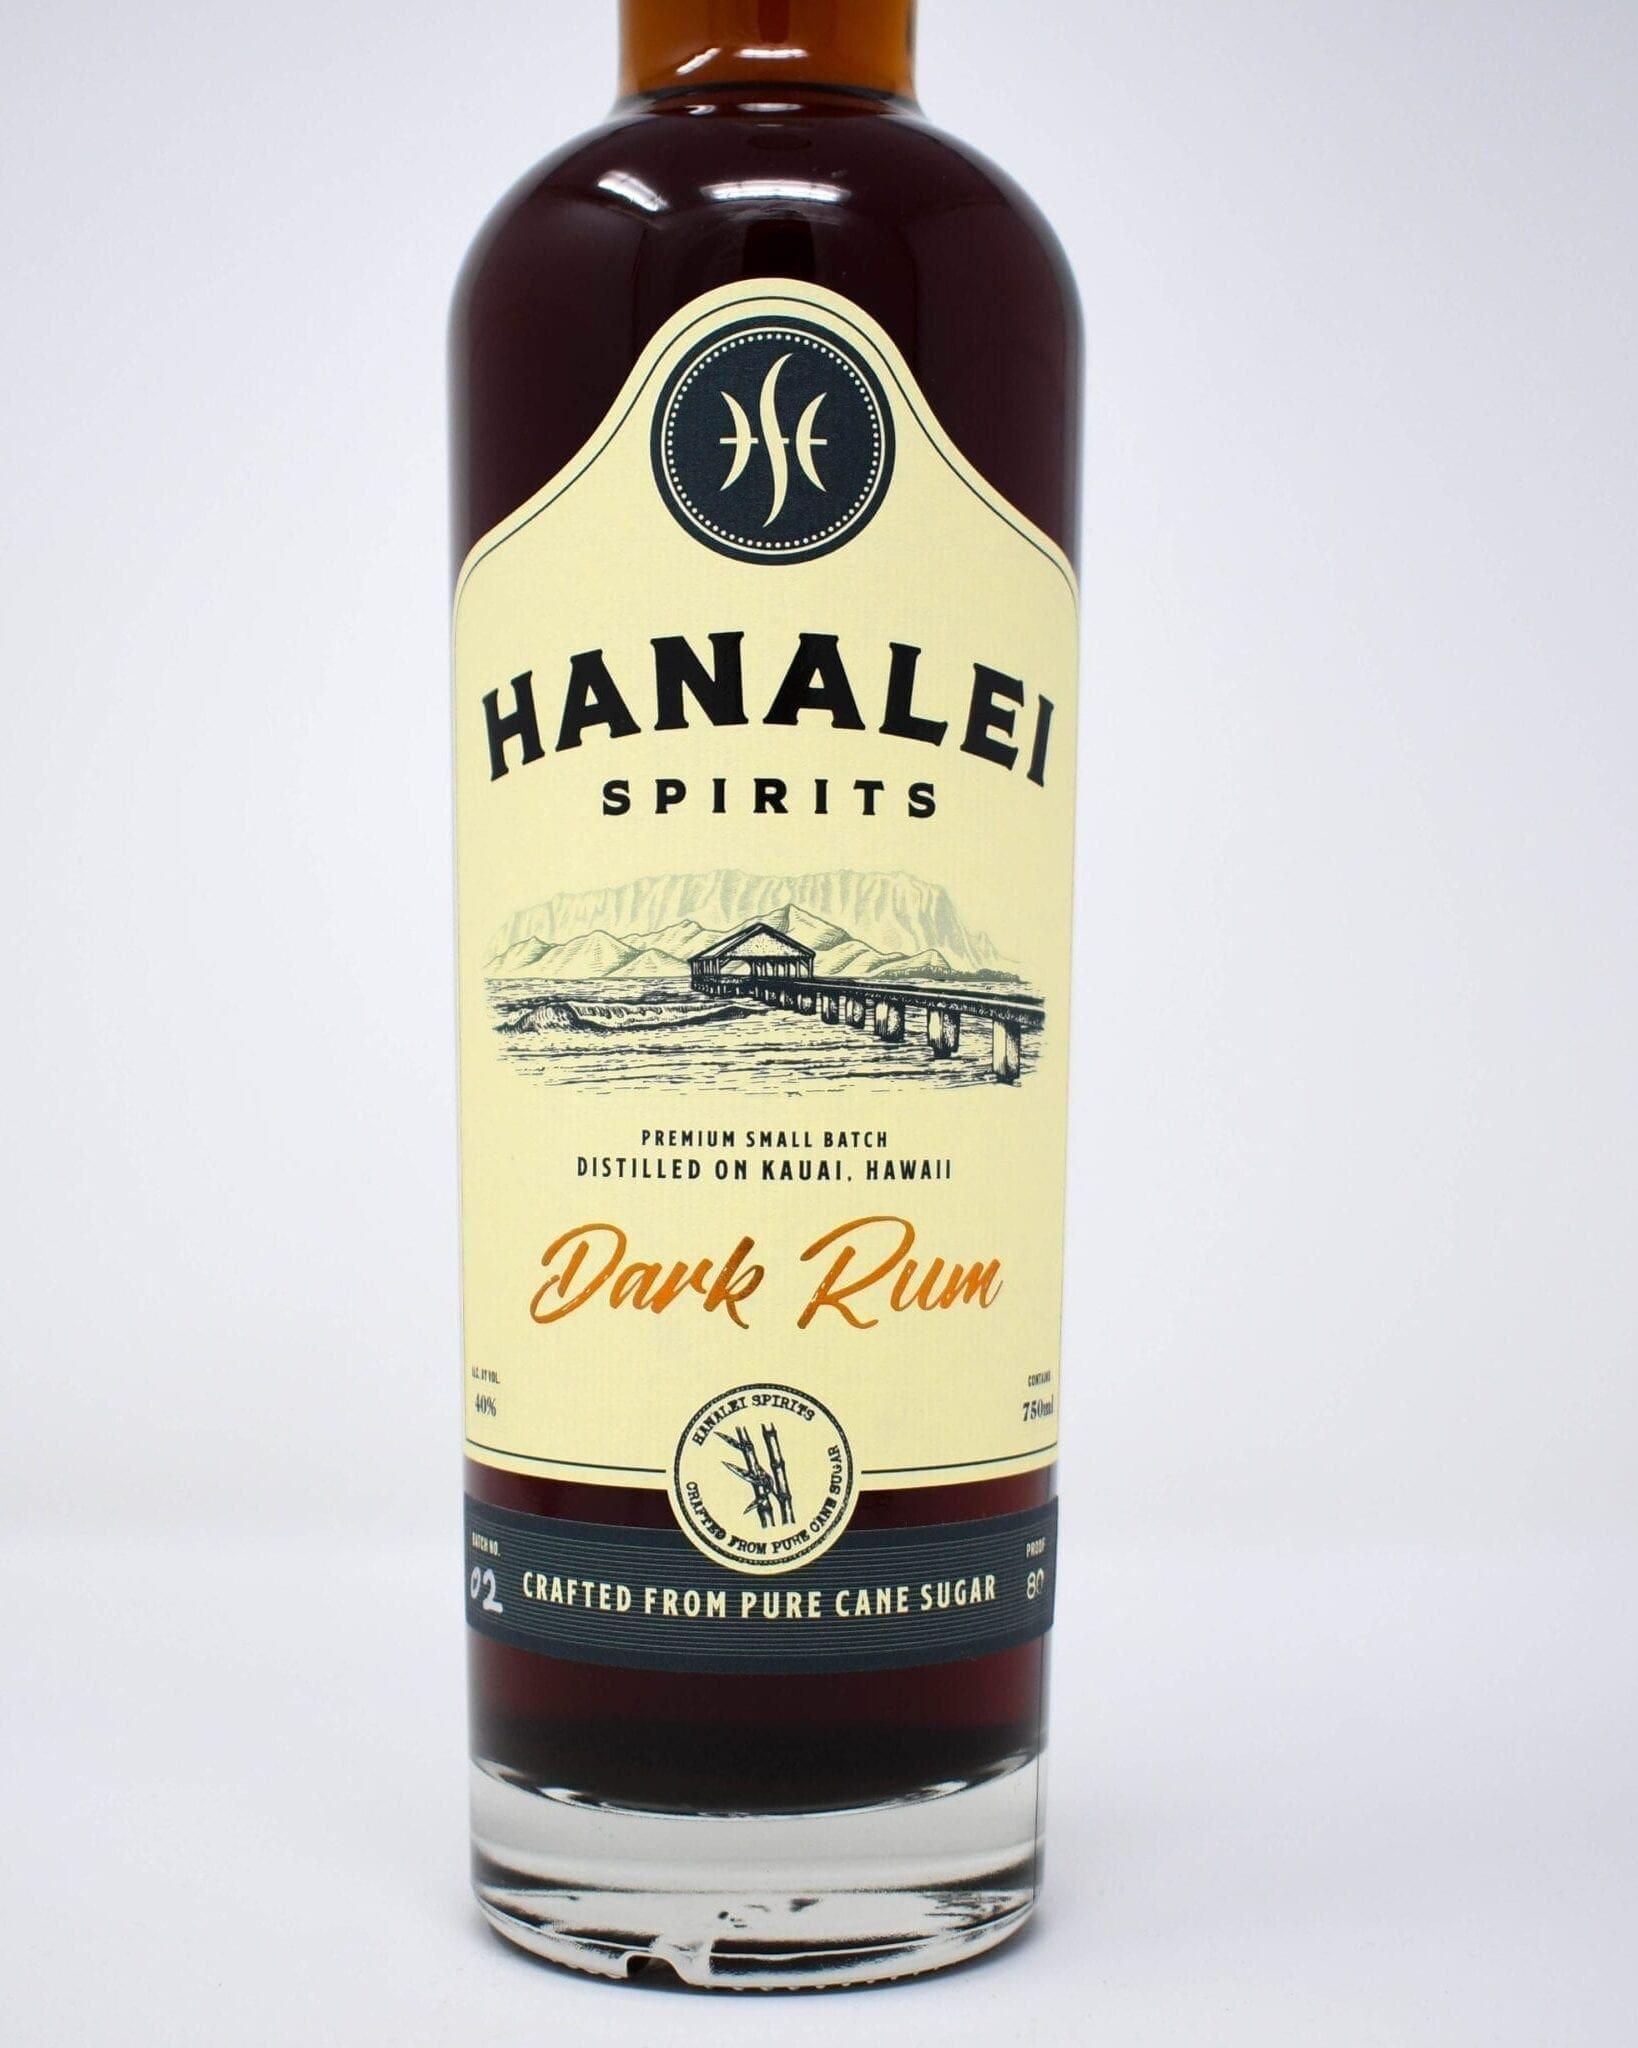 Hanalei Spirits Dark Rum 750ml